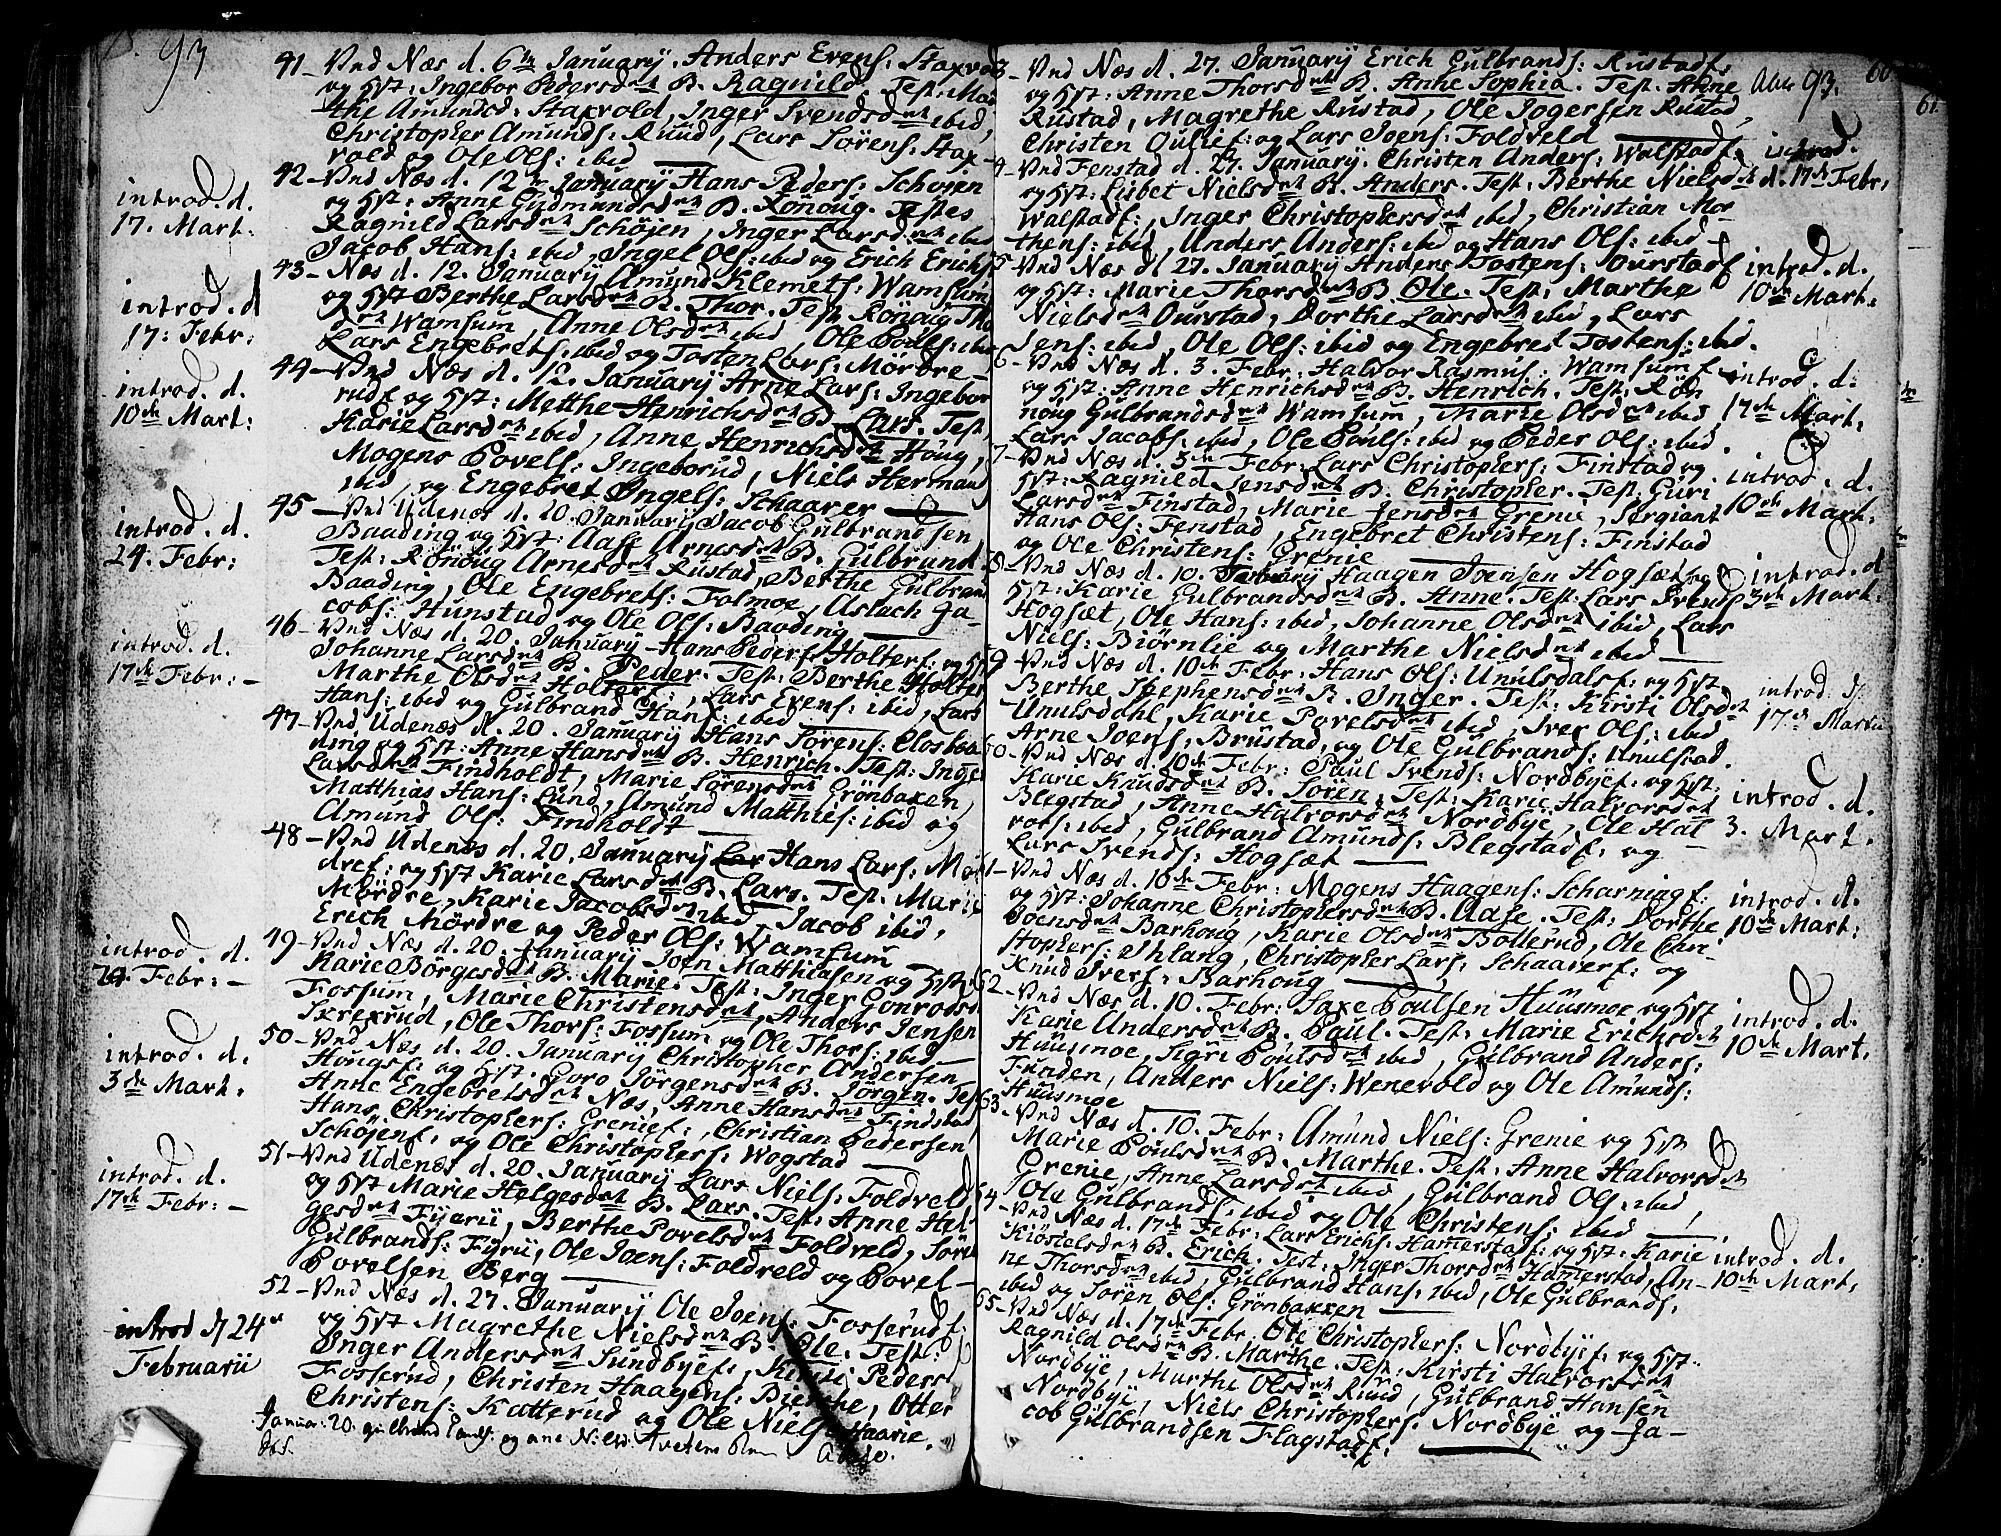 SAO, Nes prestekontor Kirkebøker, F/Fa/L0004: Ministerialbok nr. I 4, 1781-1816, s. 60